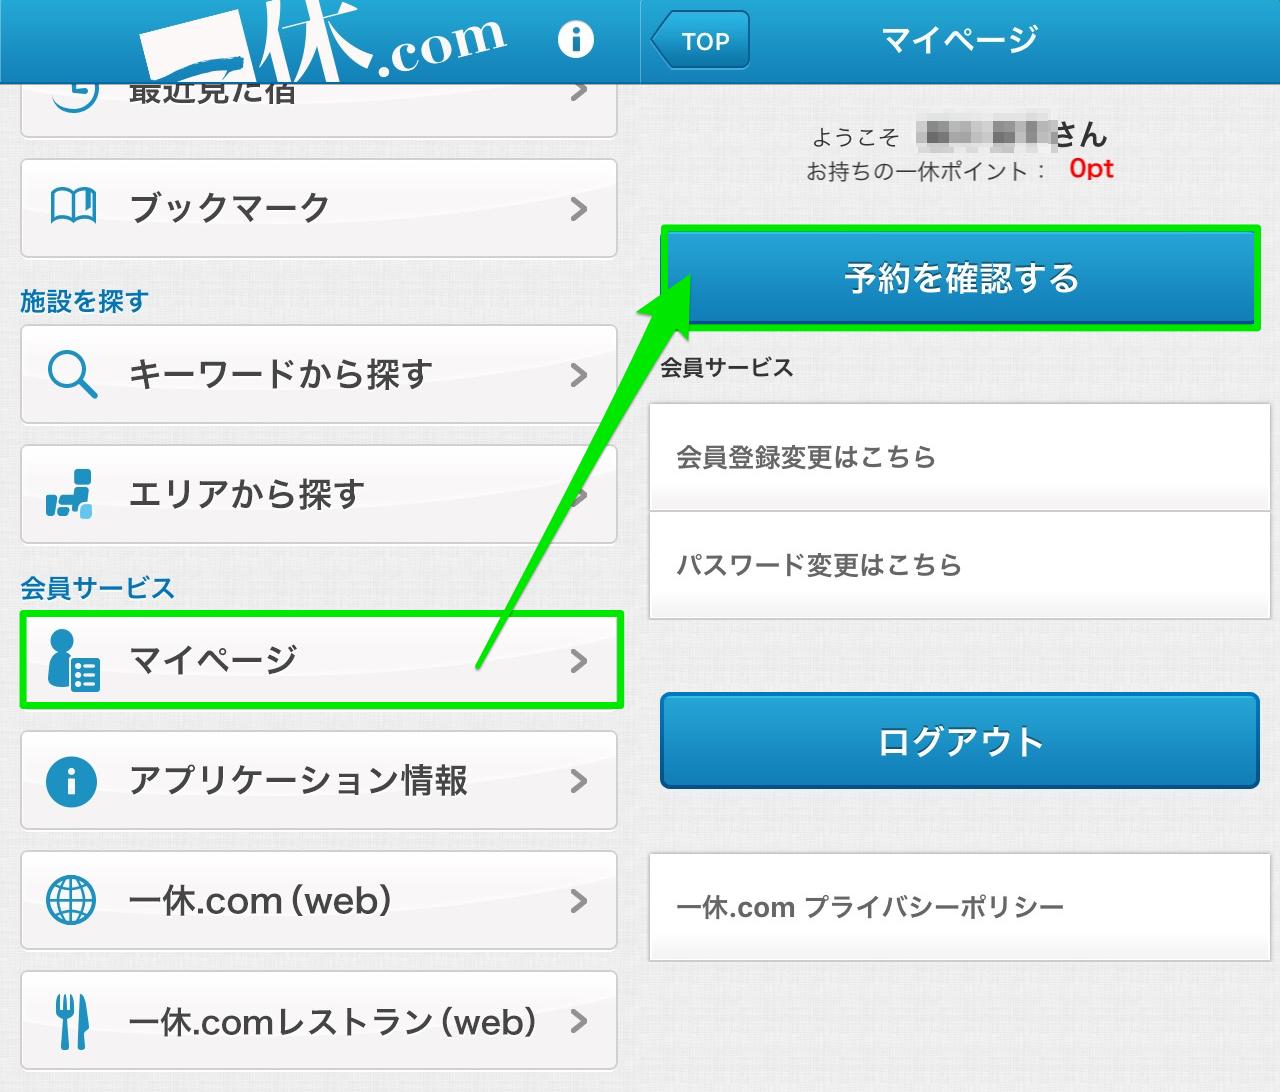 一休.comアプリで予約を確認する方法